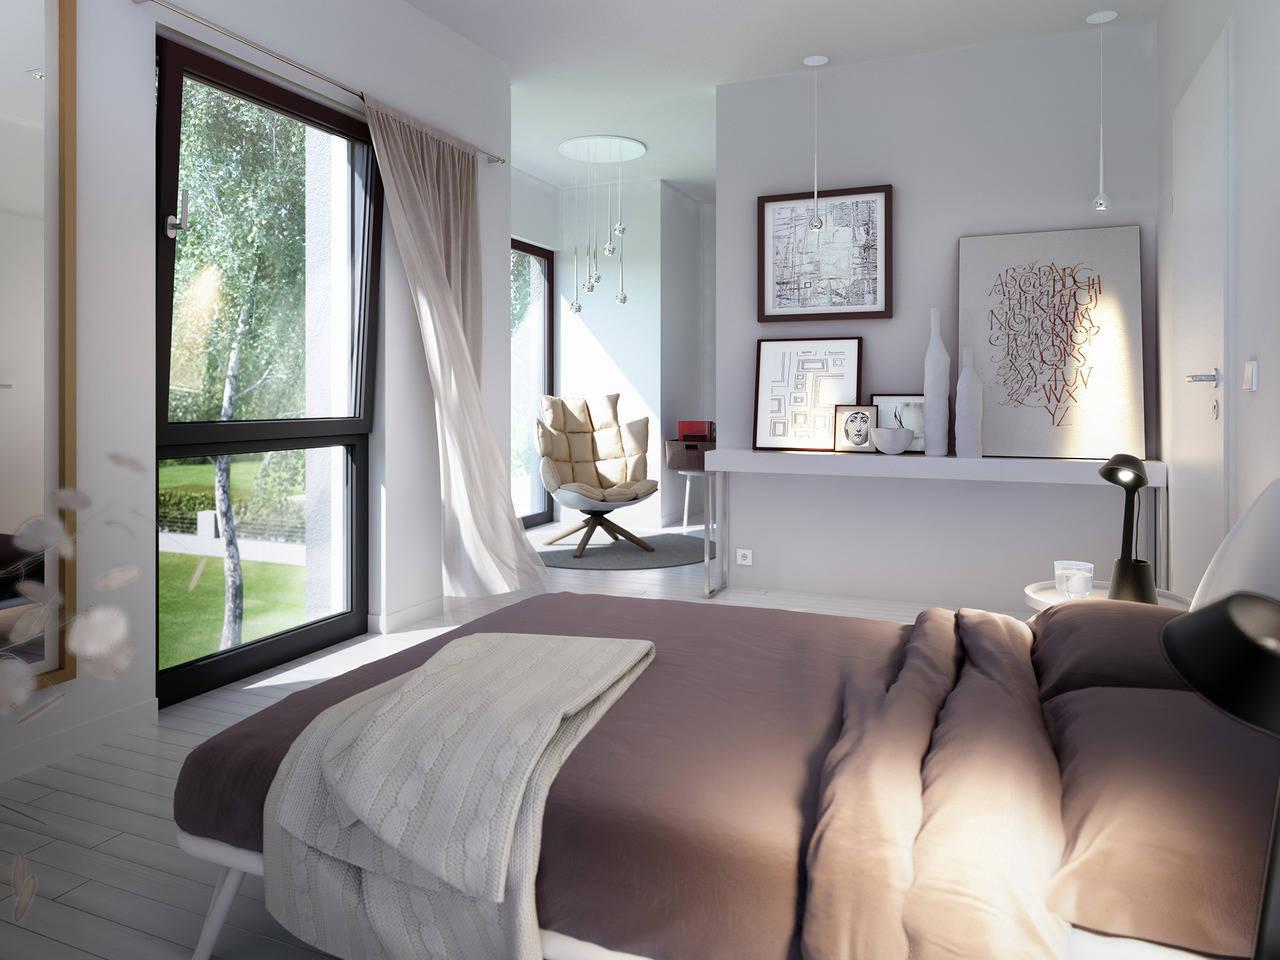 Haus Solution 106 V10 Schlafzimmer von Living Haus